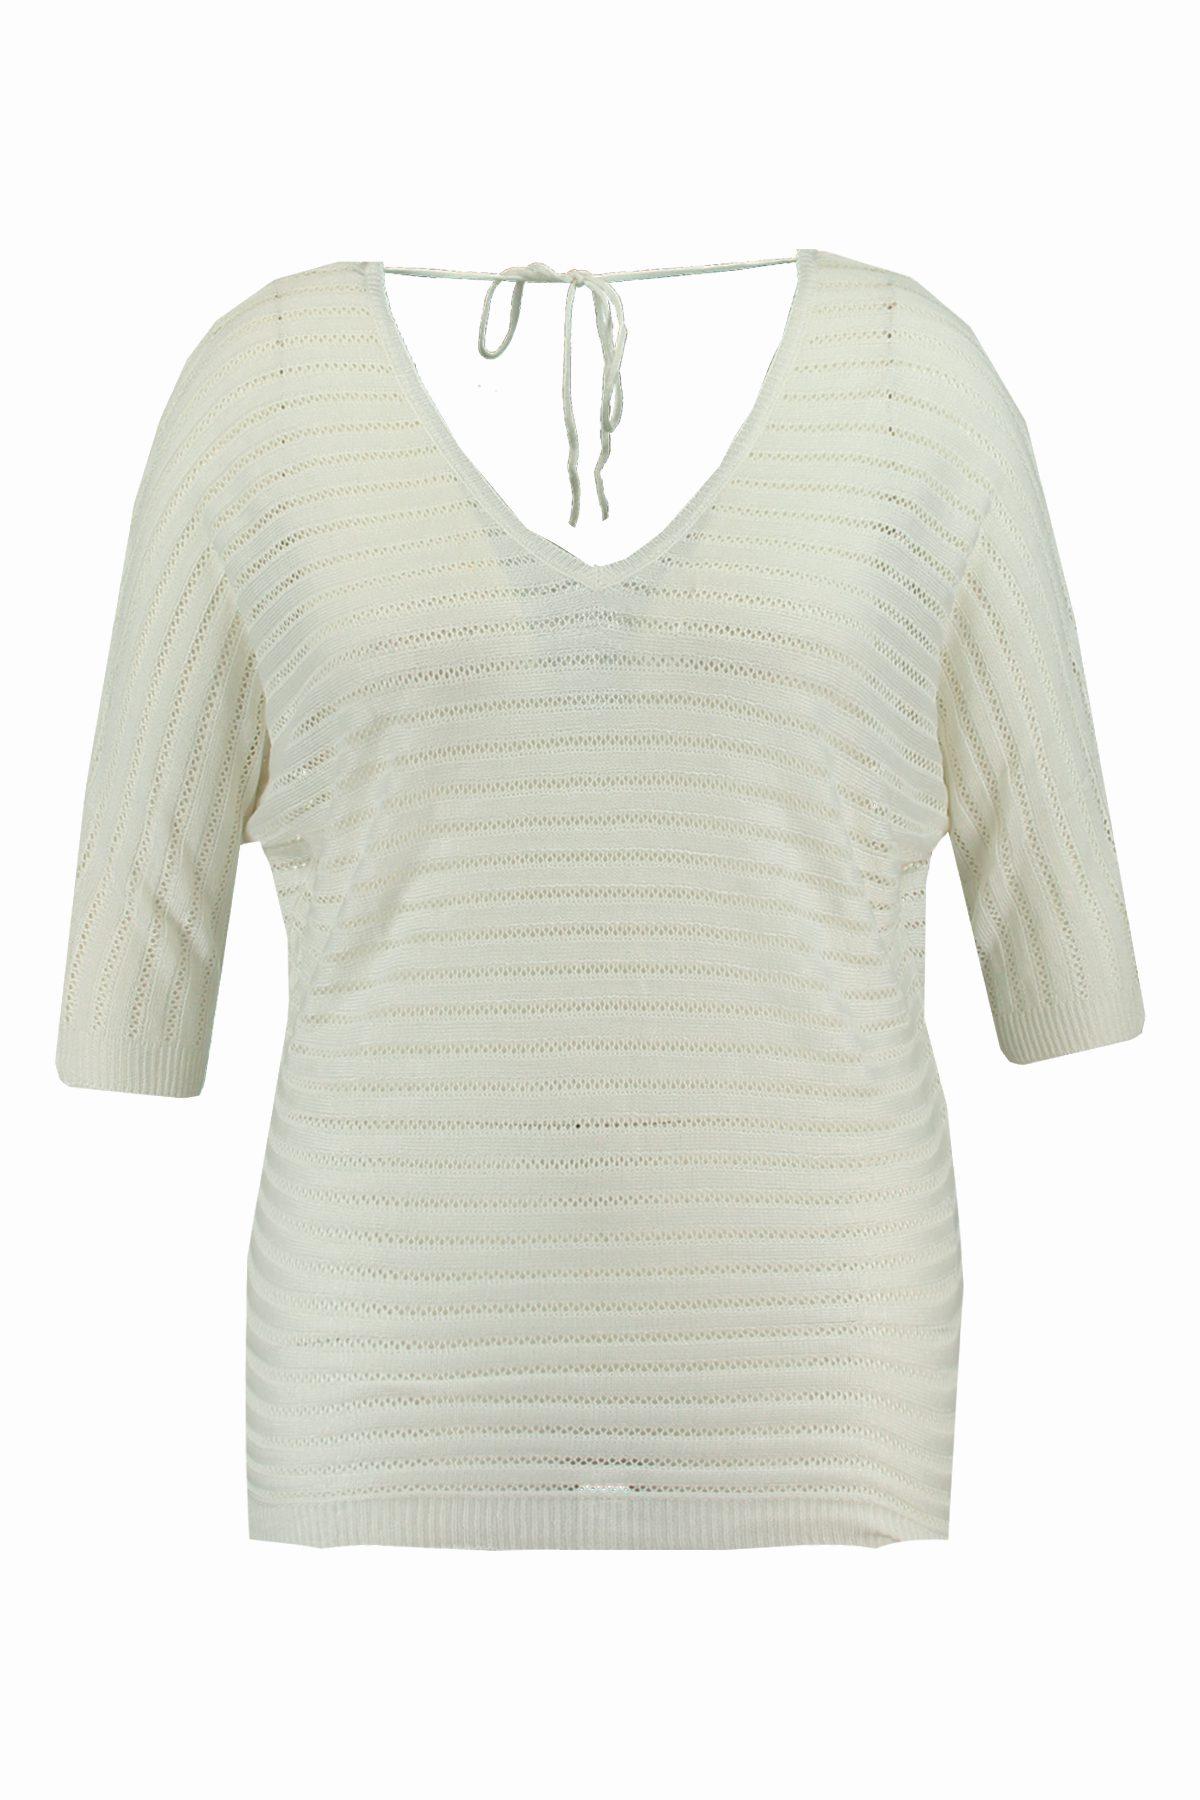 Jersey de punto blanco de la colección FSTVL de Ms Moda